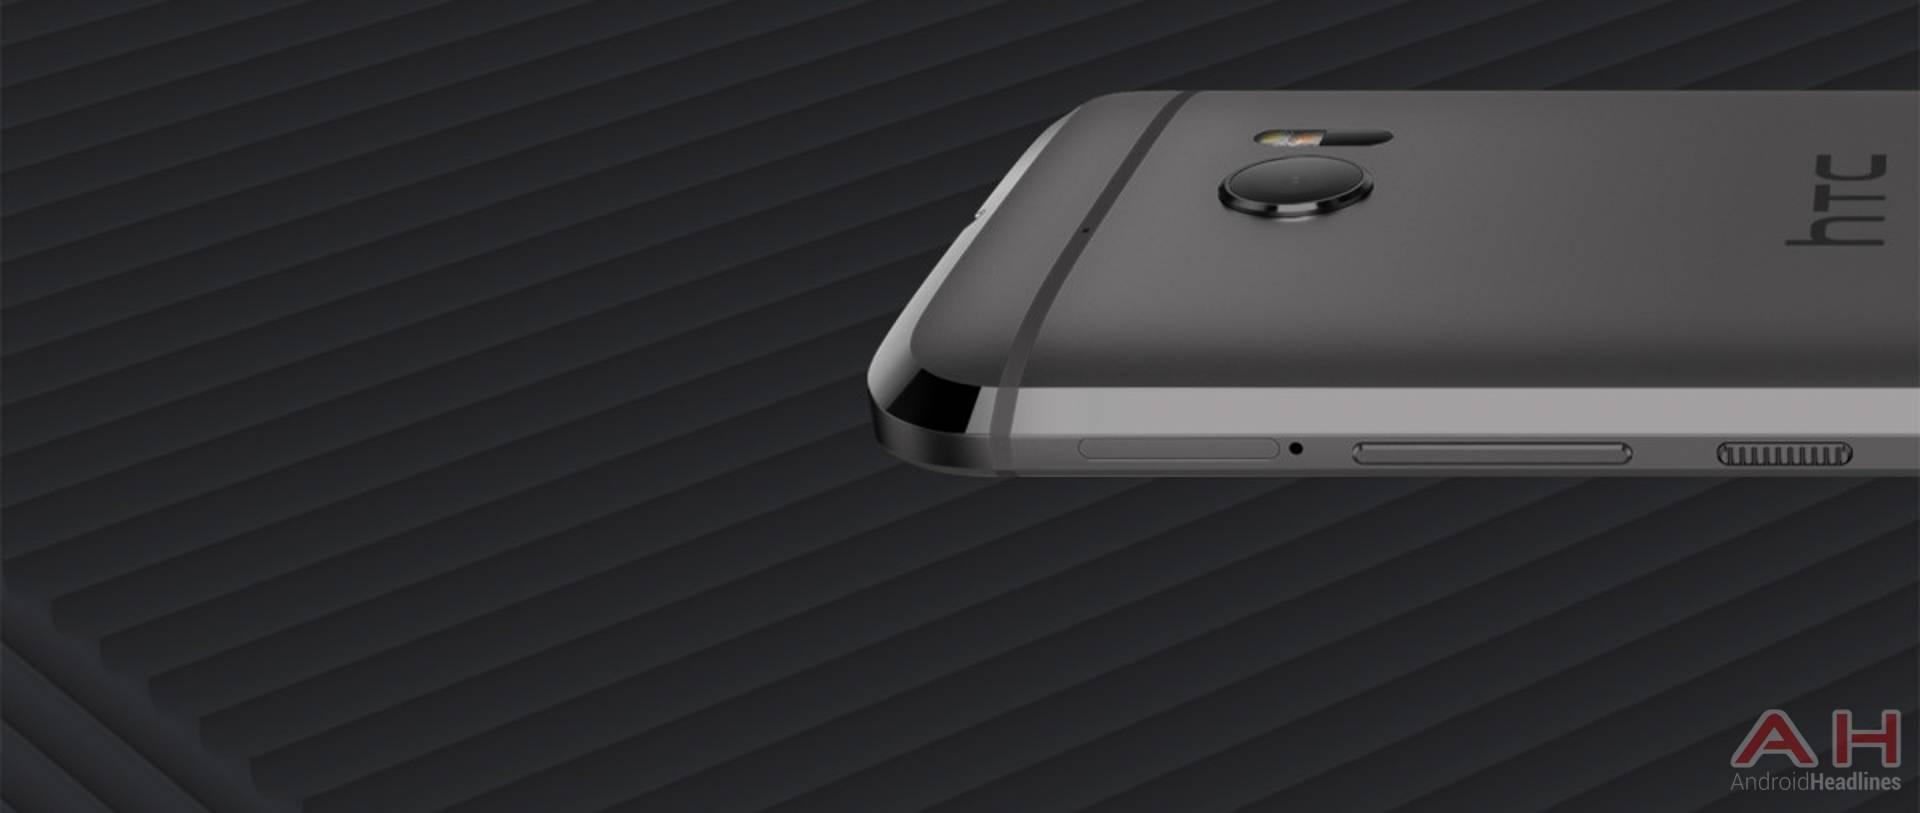 HTC 10 AH 12